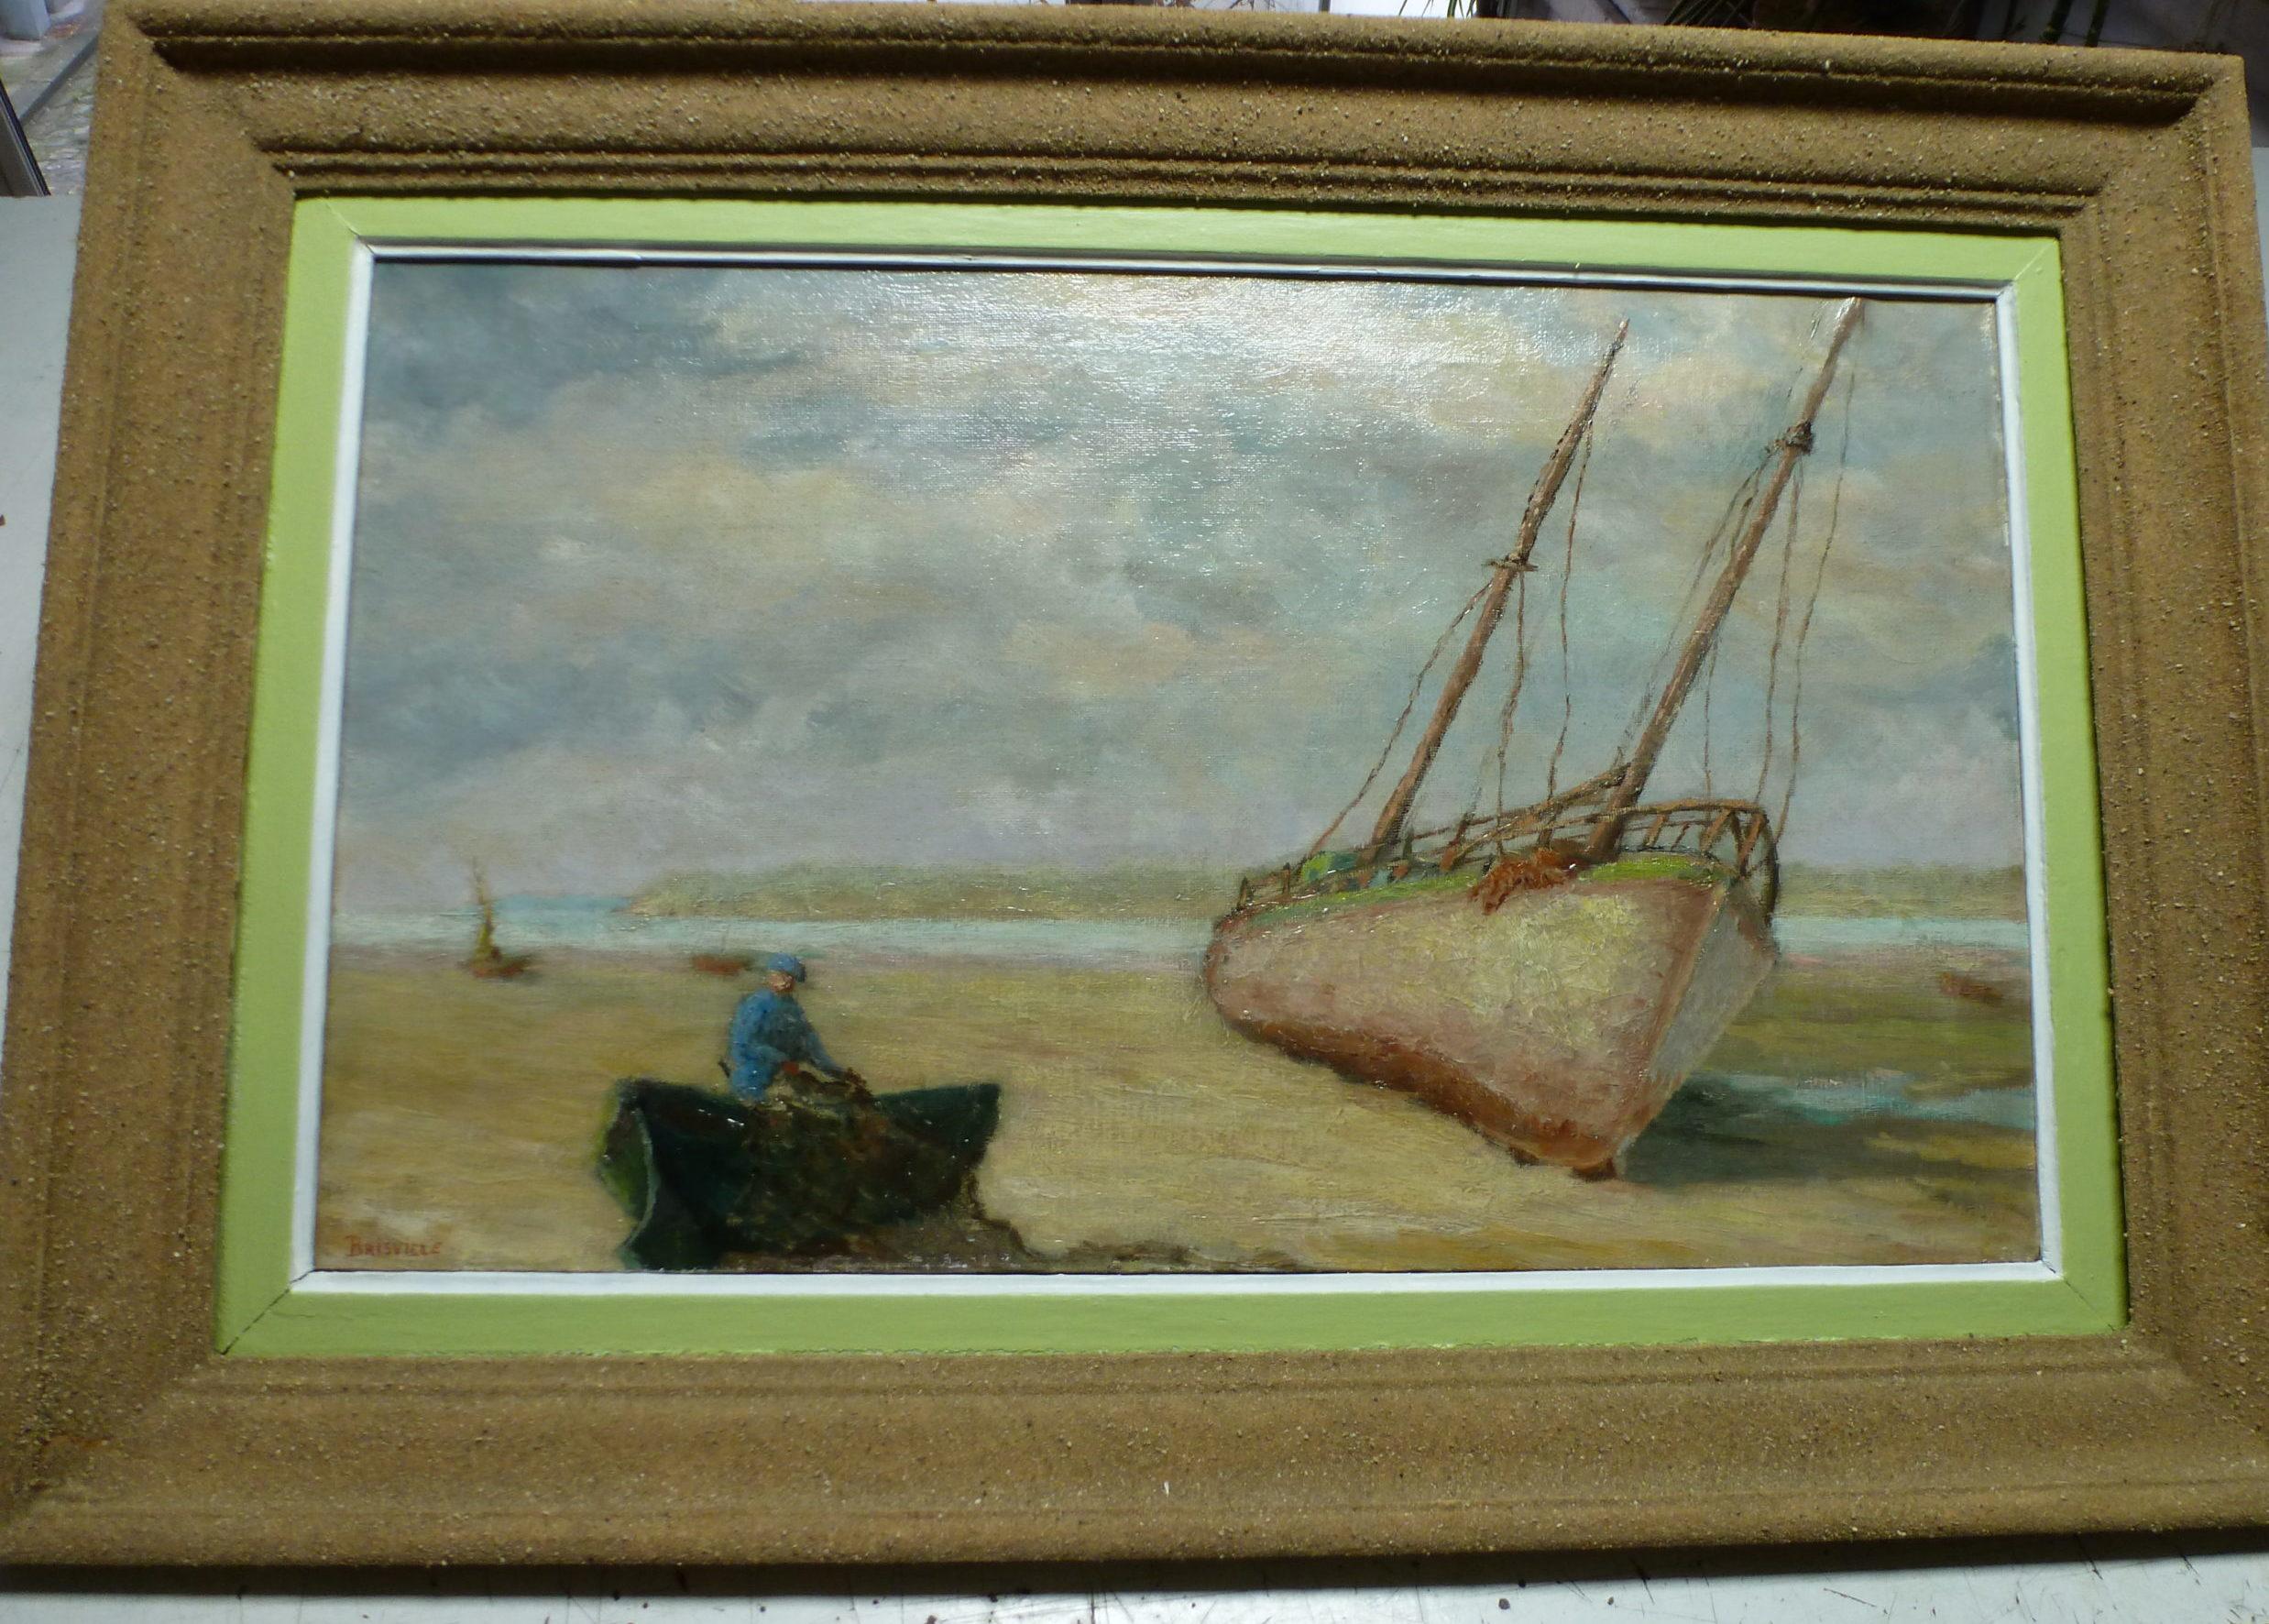 Brisville-bateau-sur-la-greve-en-baie-de-Somme